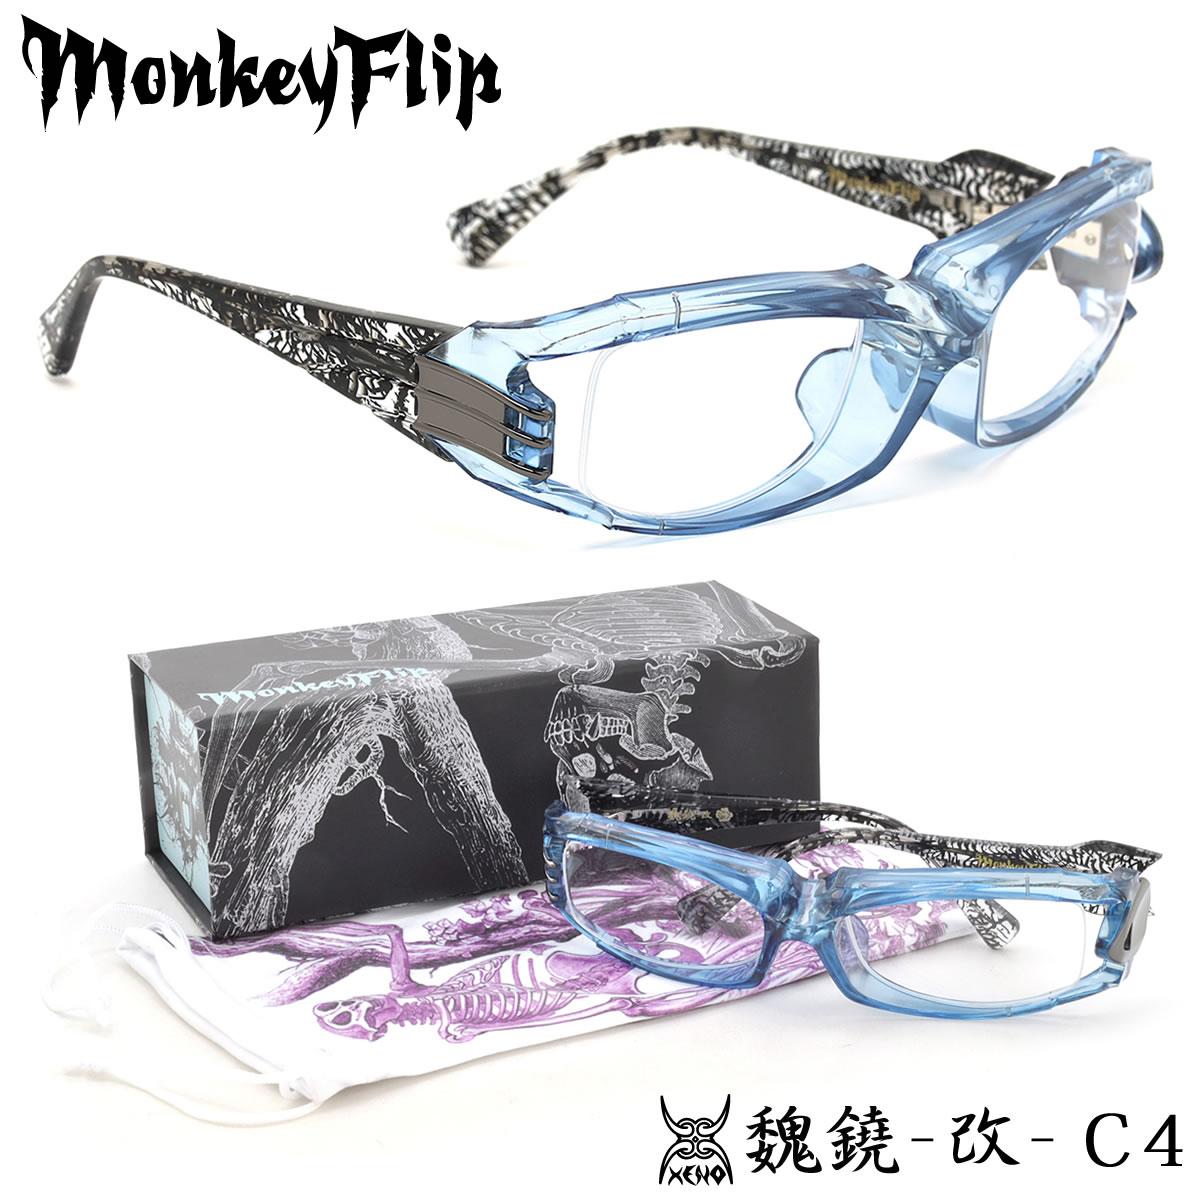 ポイント最大42倍!!お得なクーポンも !! 【Monkey Flip】(モンキーフリップ) メガネ 魏鐃改 C4 61サイズ 魏鐃-改- XENO ギドラカイ ゼノ モンキーフリップ MonkeyFlip メンズ レディース